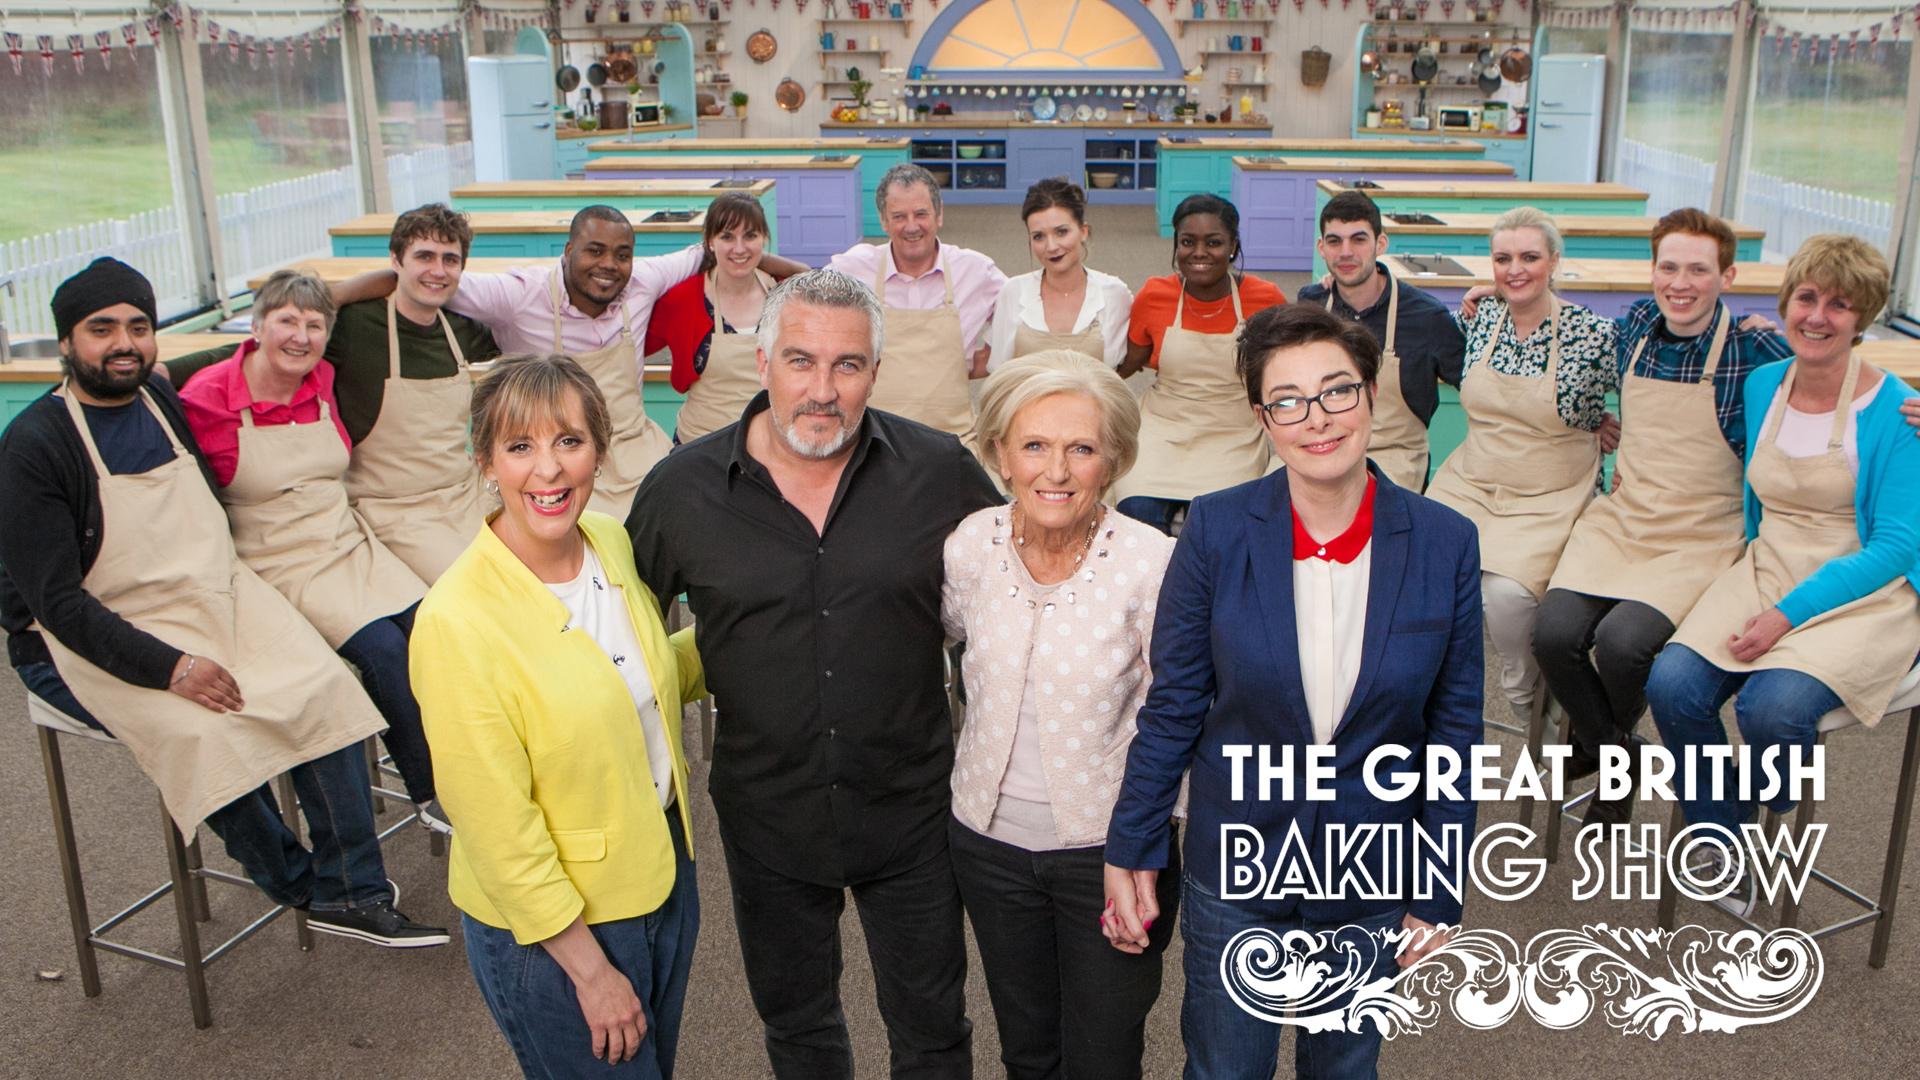 Great British Baking Show: Desserts